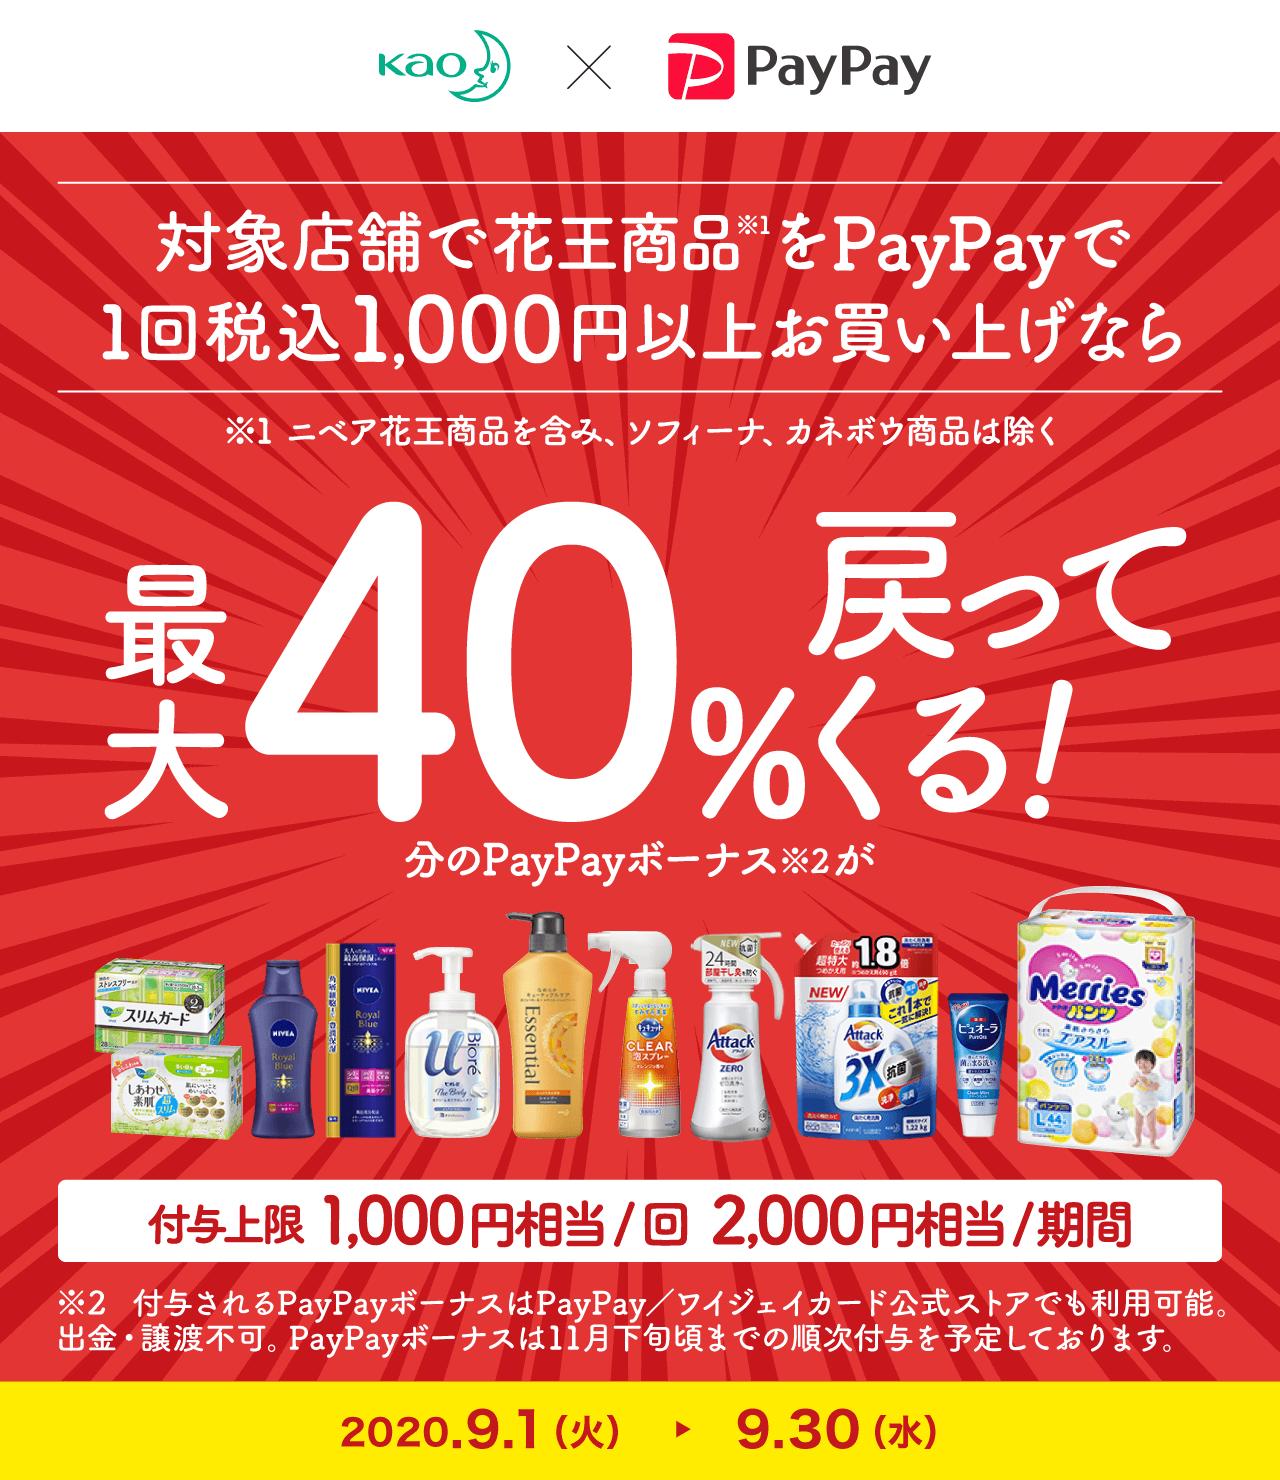 対象店舗で花王商品をPayPayで1回税込1,000円以上お買い上げで最大40%戻ってくる!